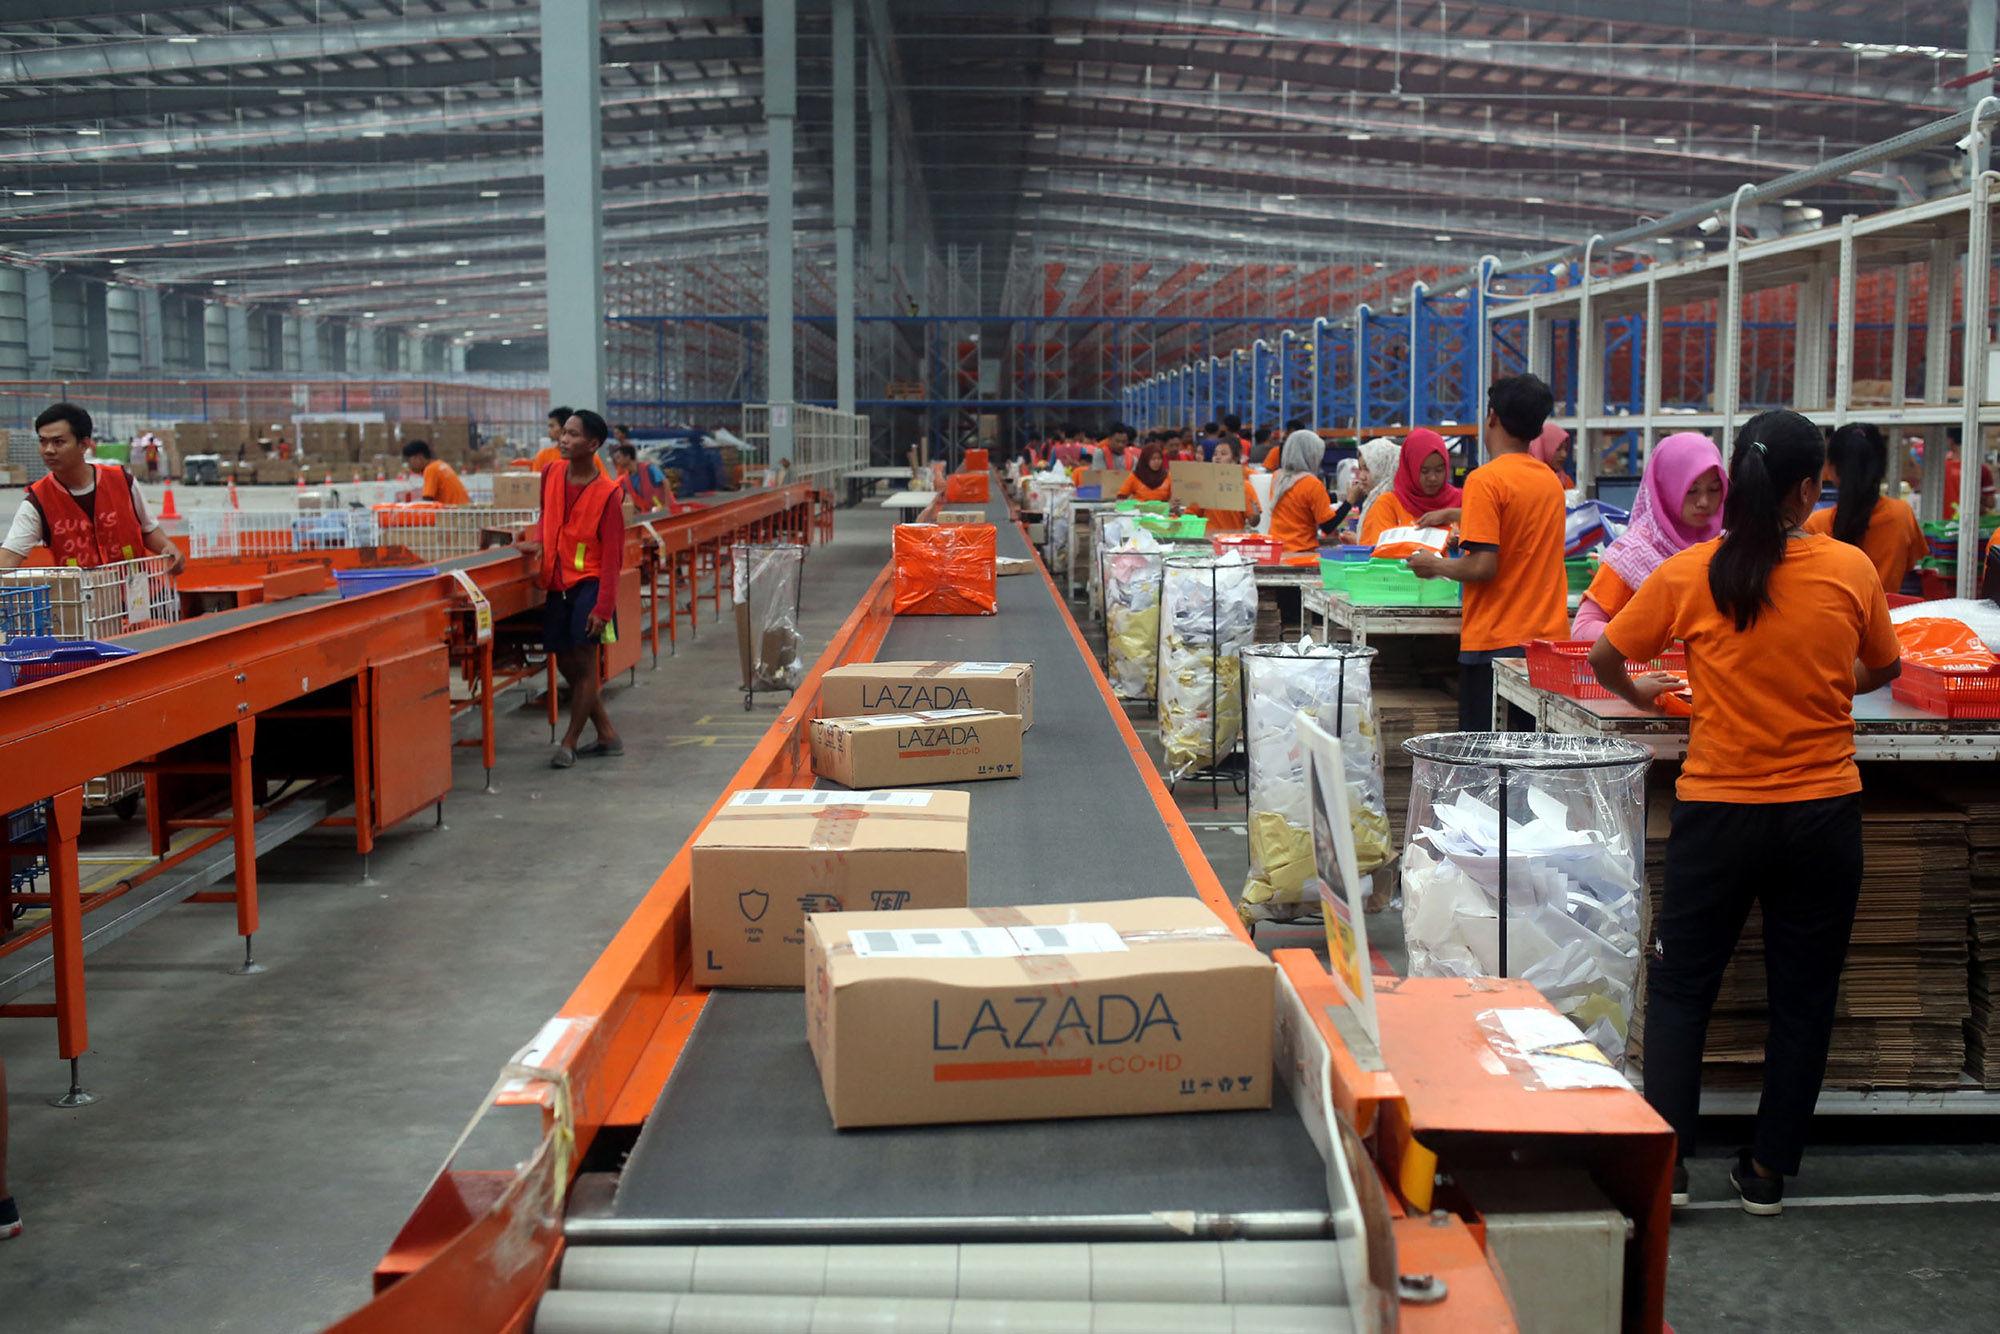 Kilat! Lazada Logistics Kirim Paket ke Pelanggan Hanya 24 Menit Saat Festival Belanja 9.9